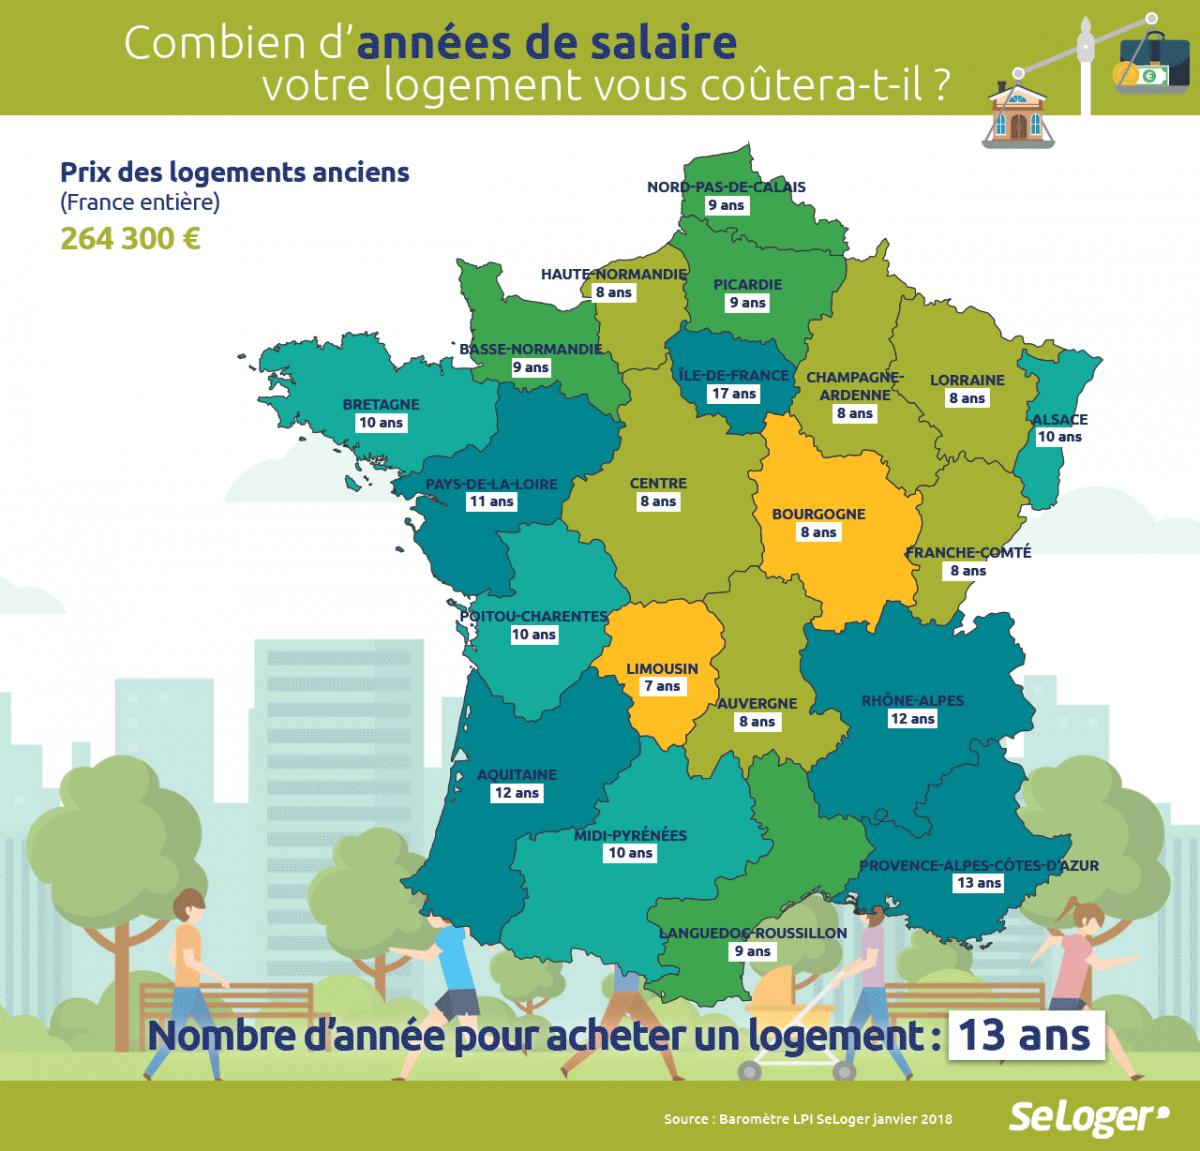 Combien D'années De Salaire Vous Faut-Il Pour Acheter Votre intérieur Combien De Region En France